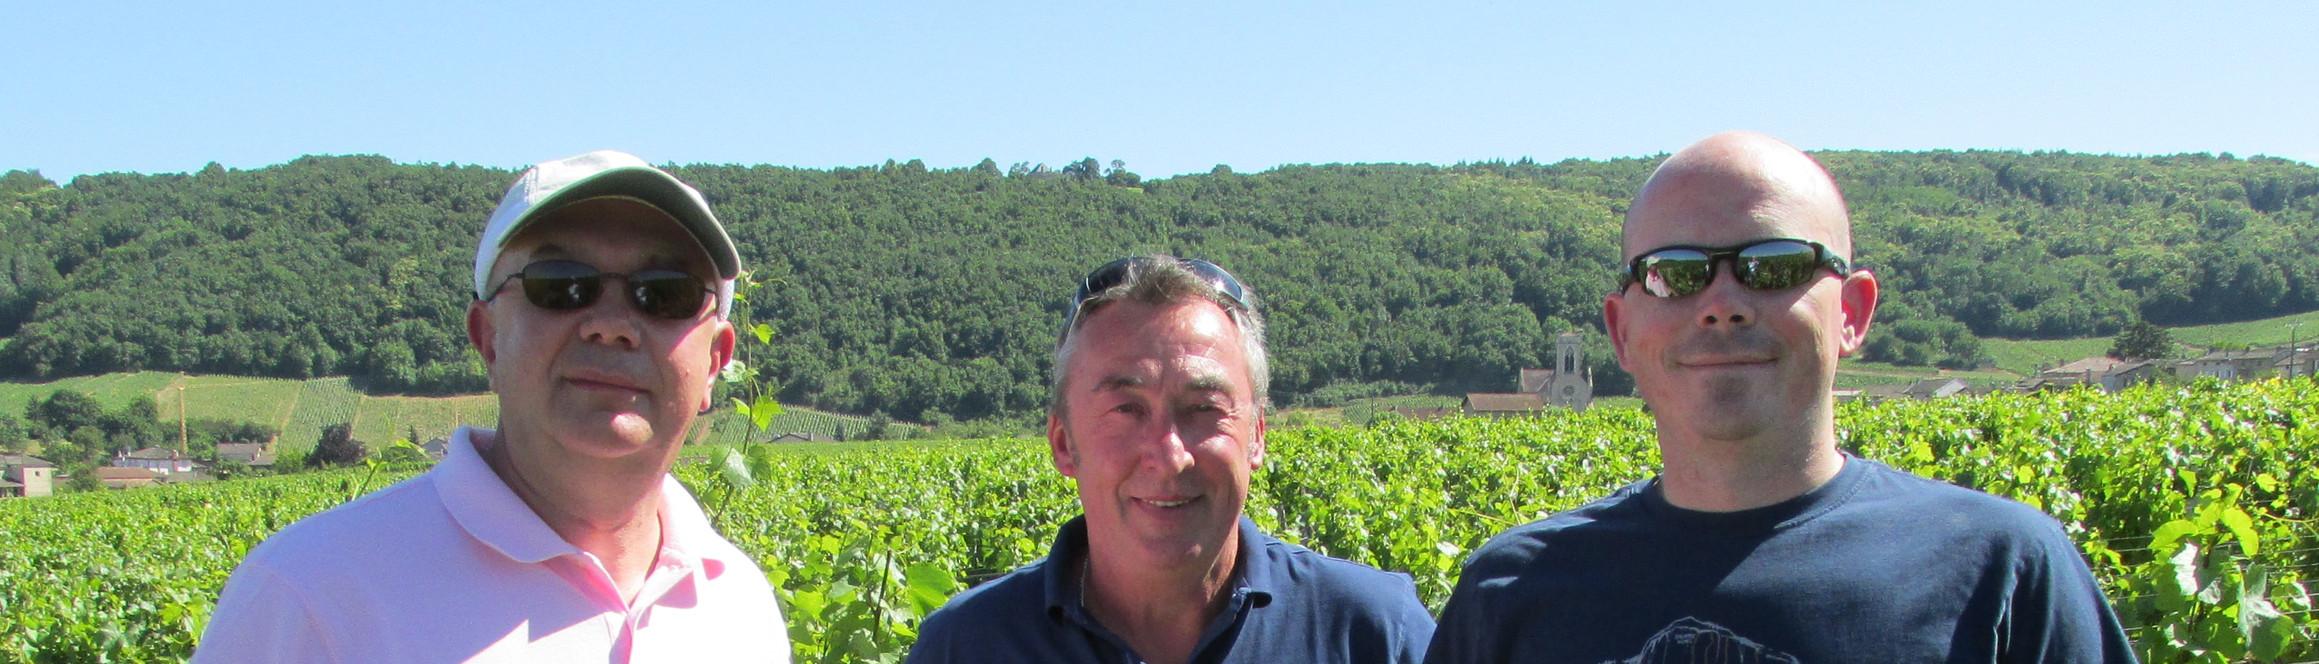 Gilles Noblet et son équipe